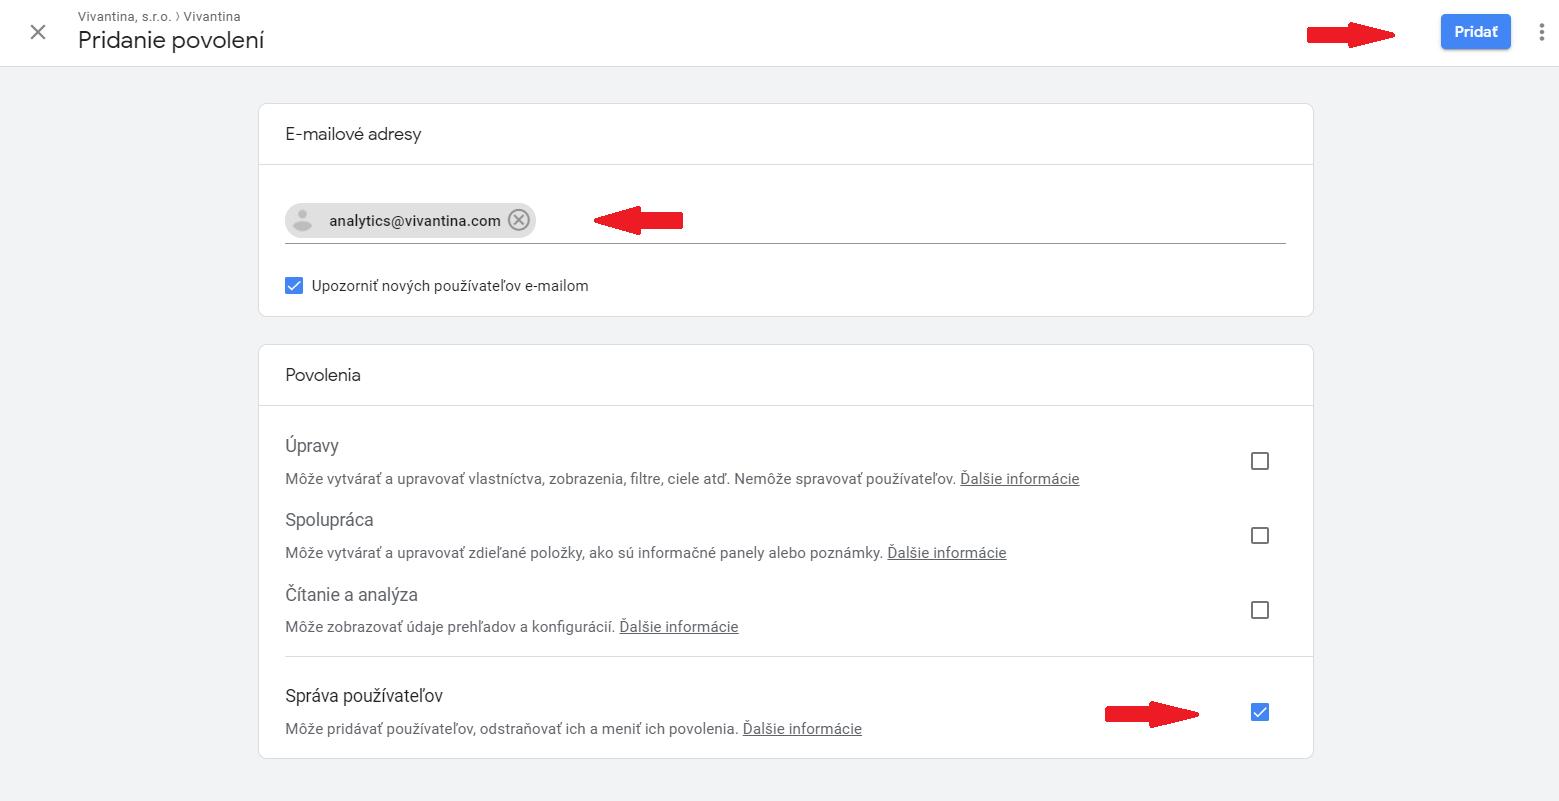 Google Analytics pridanie povolení